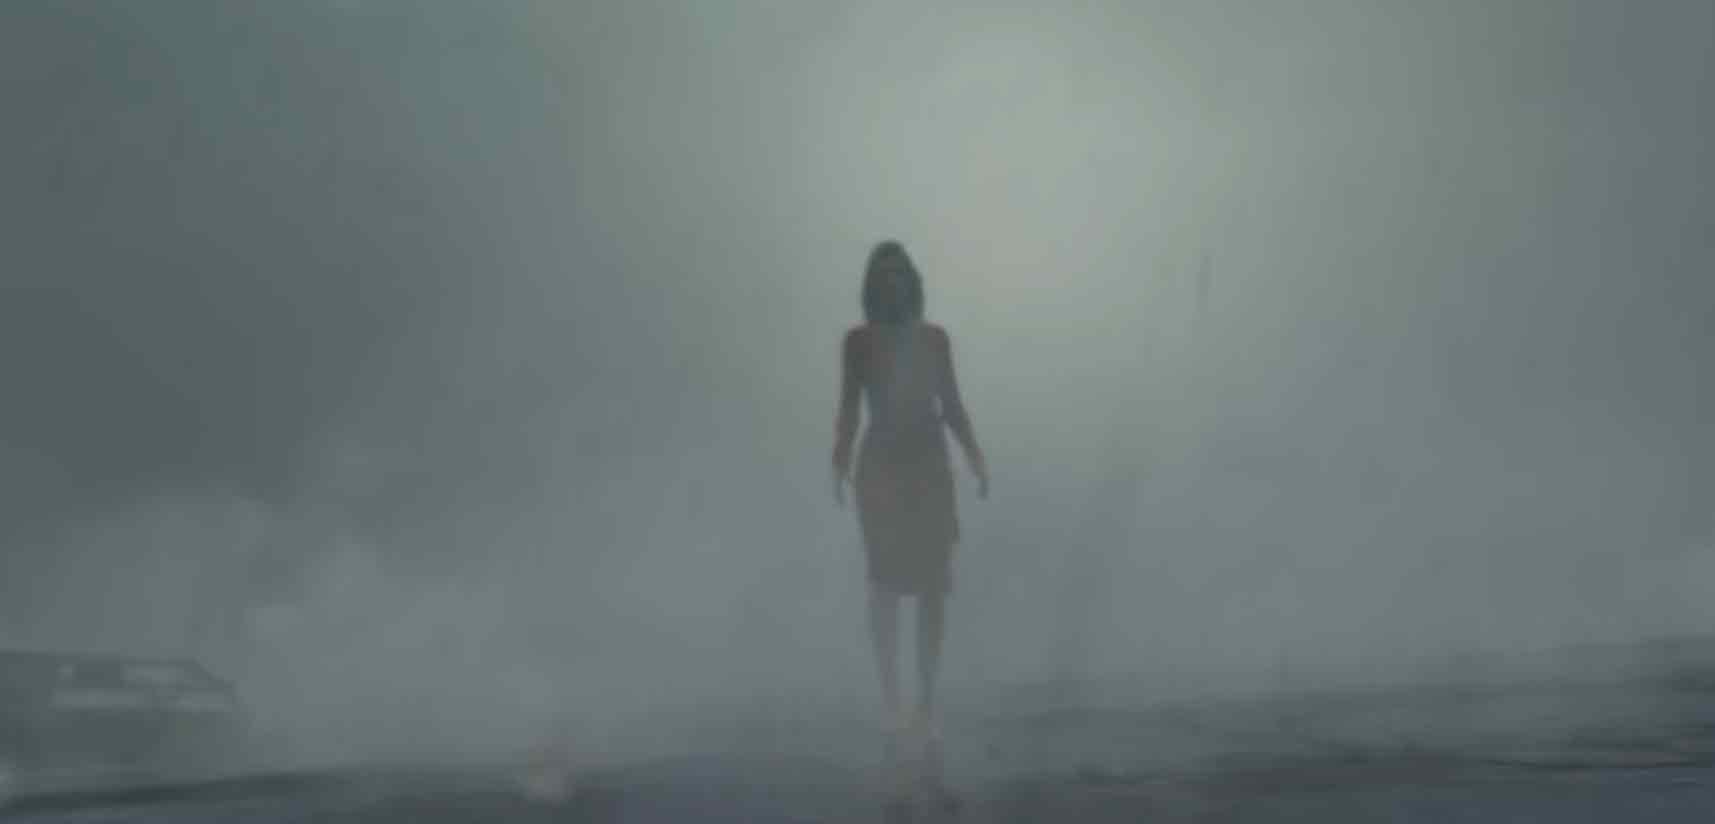 la-spiaggia-dove-si-trova-Amelie-Death-Stranding